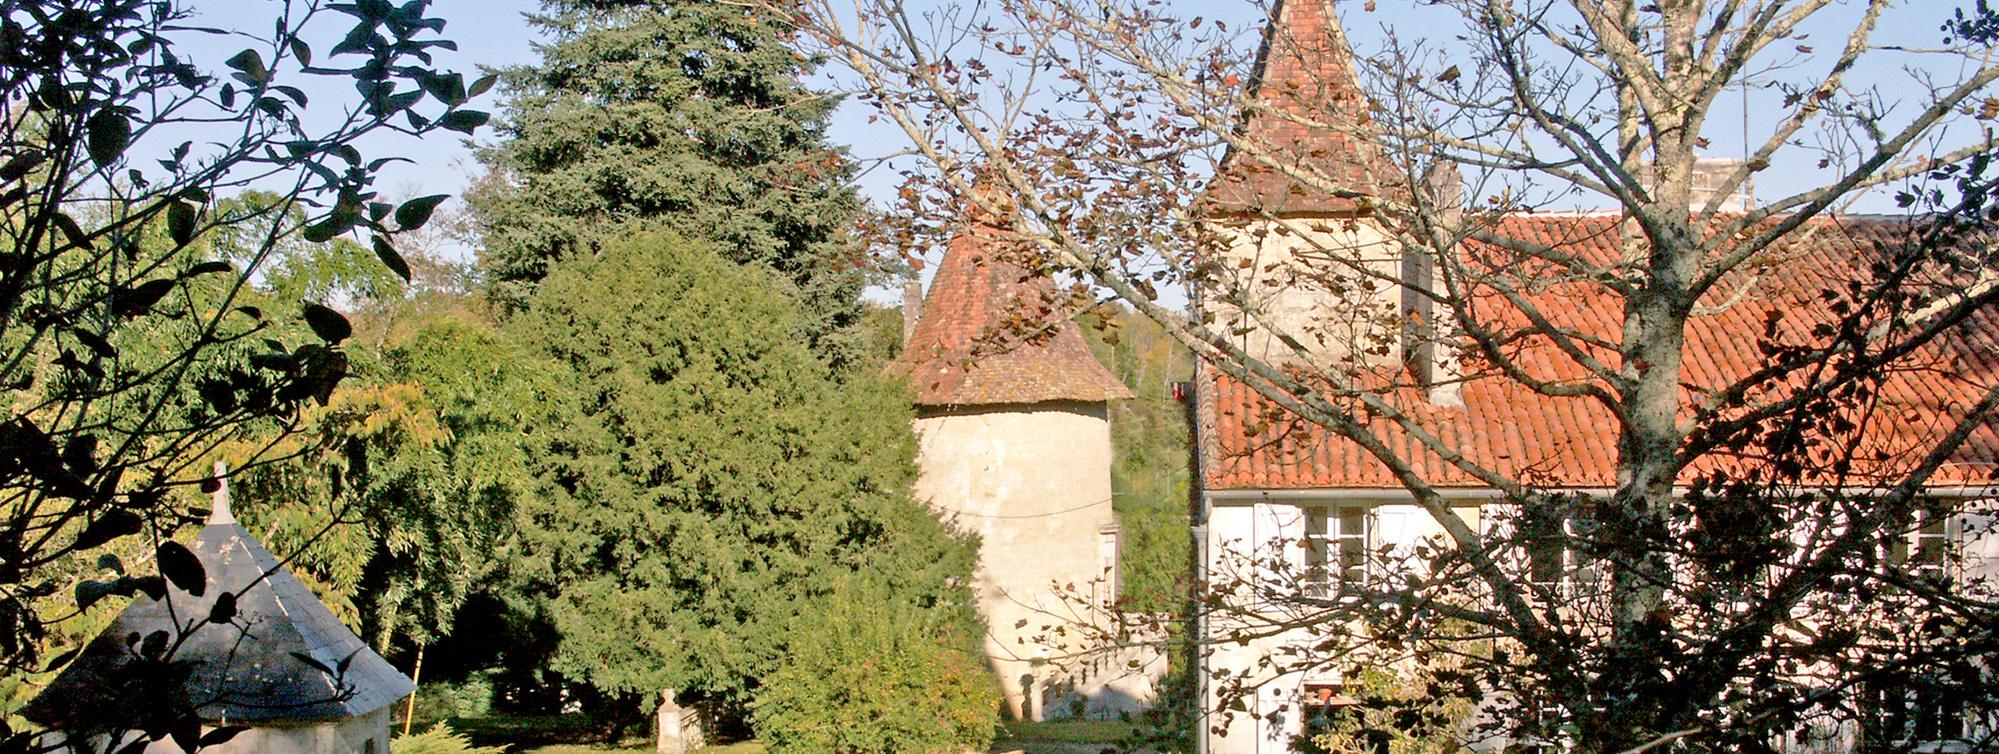 Côté Logis ©E. Strauss - Chateau de Maumont